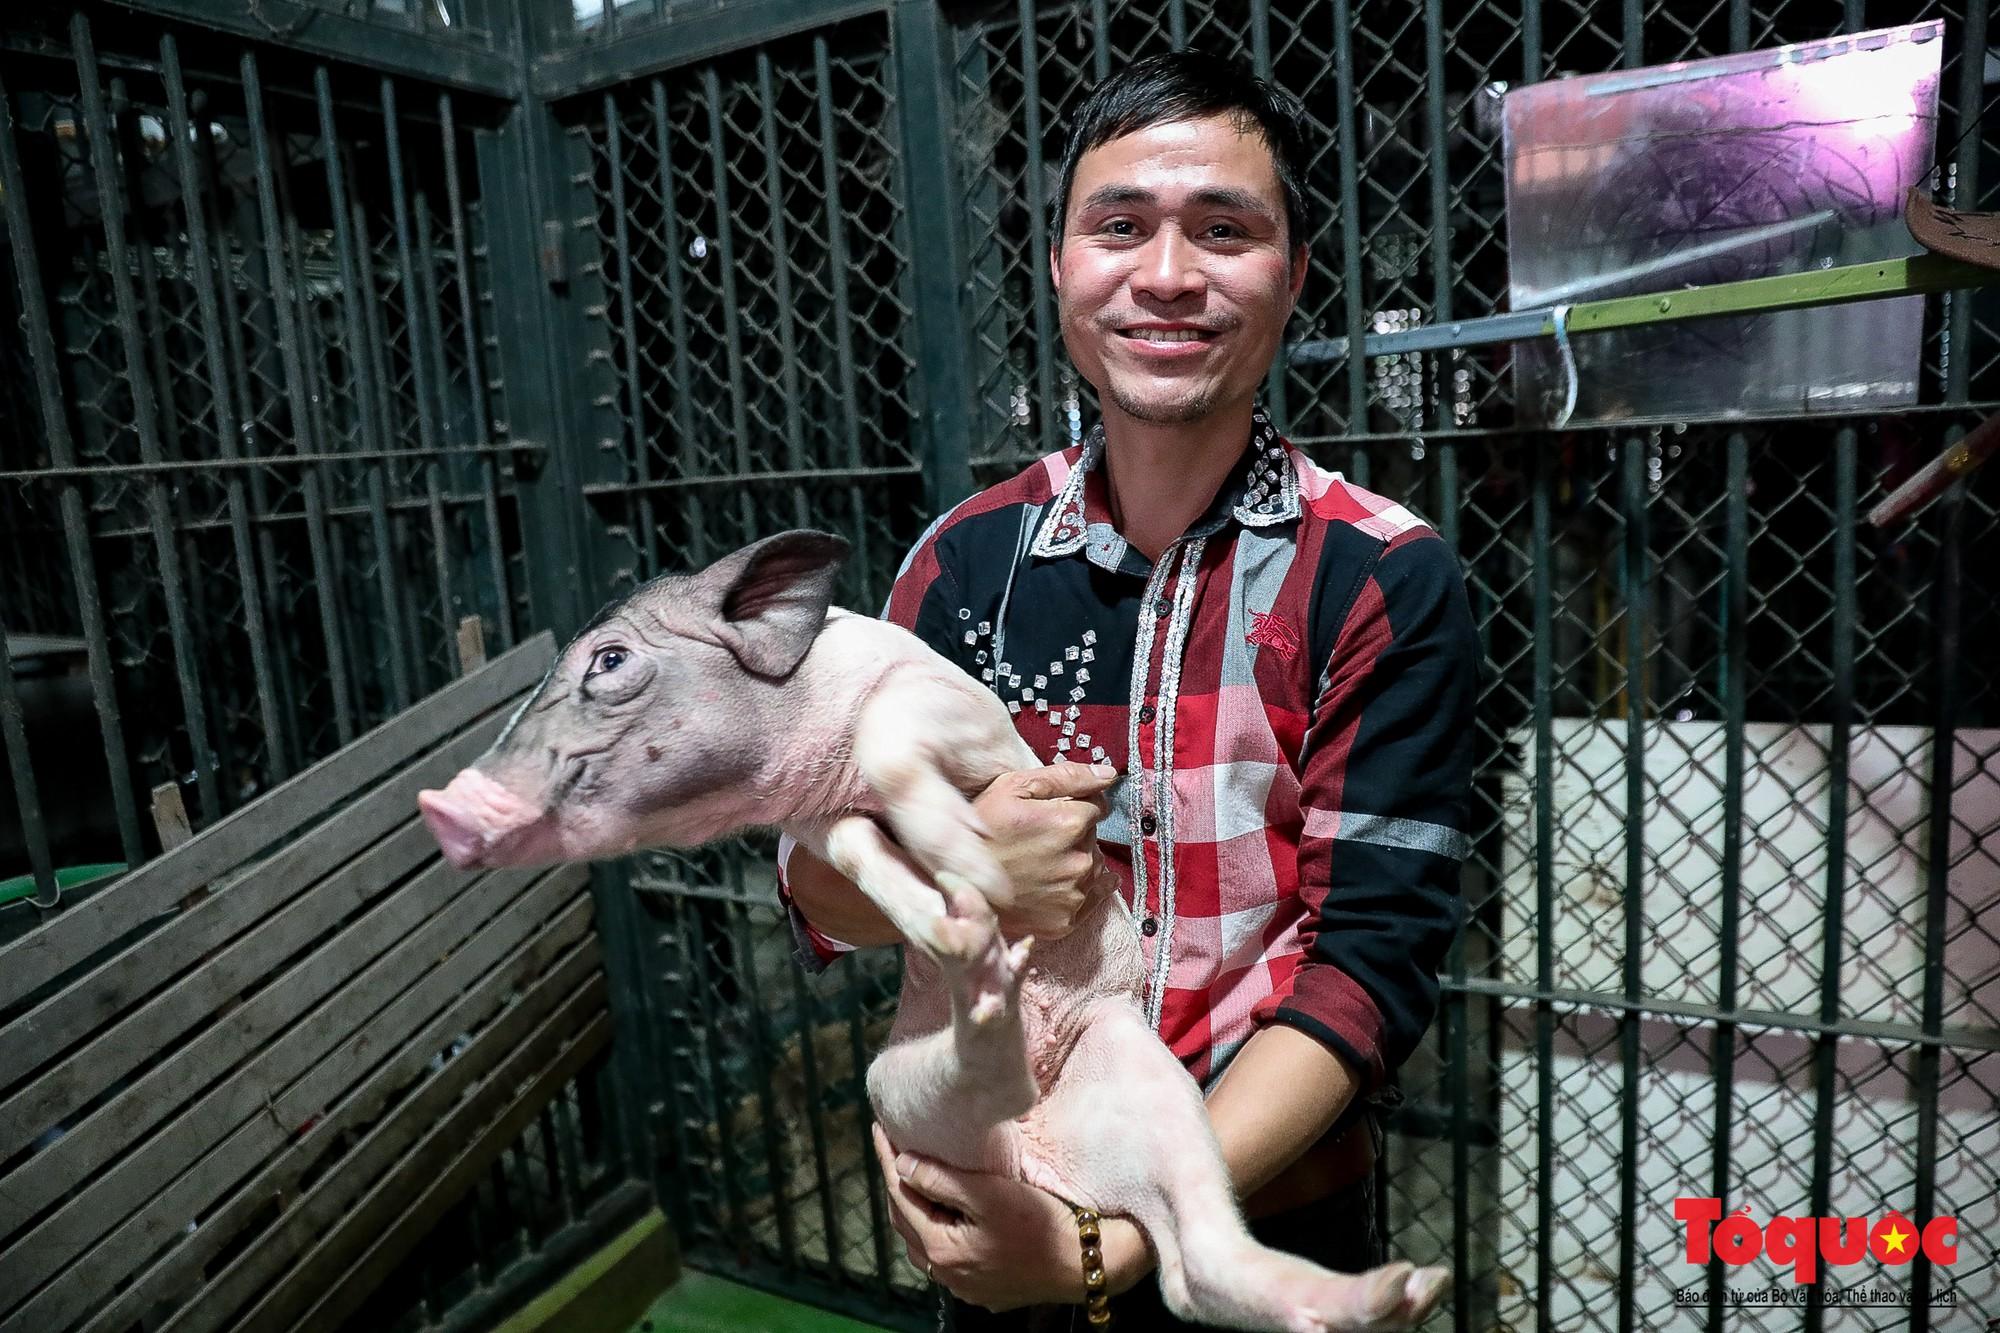 Năm Kỷ Hợi: Cùng khám phá nơi huấn luyện xiếc lợn đầu tiên của Việt Nam - Ảnh 18.